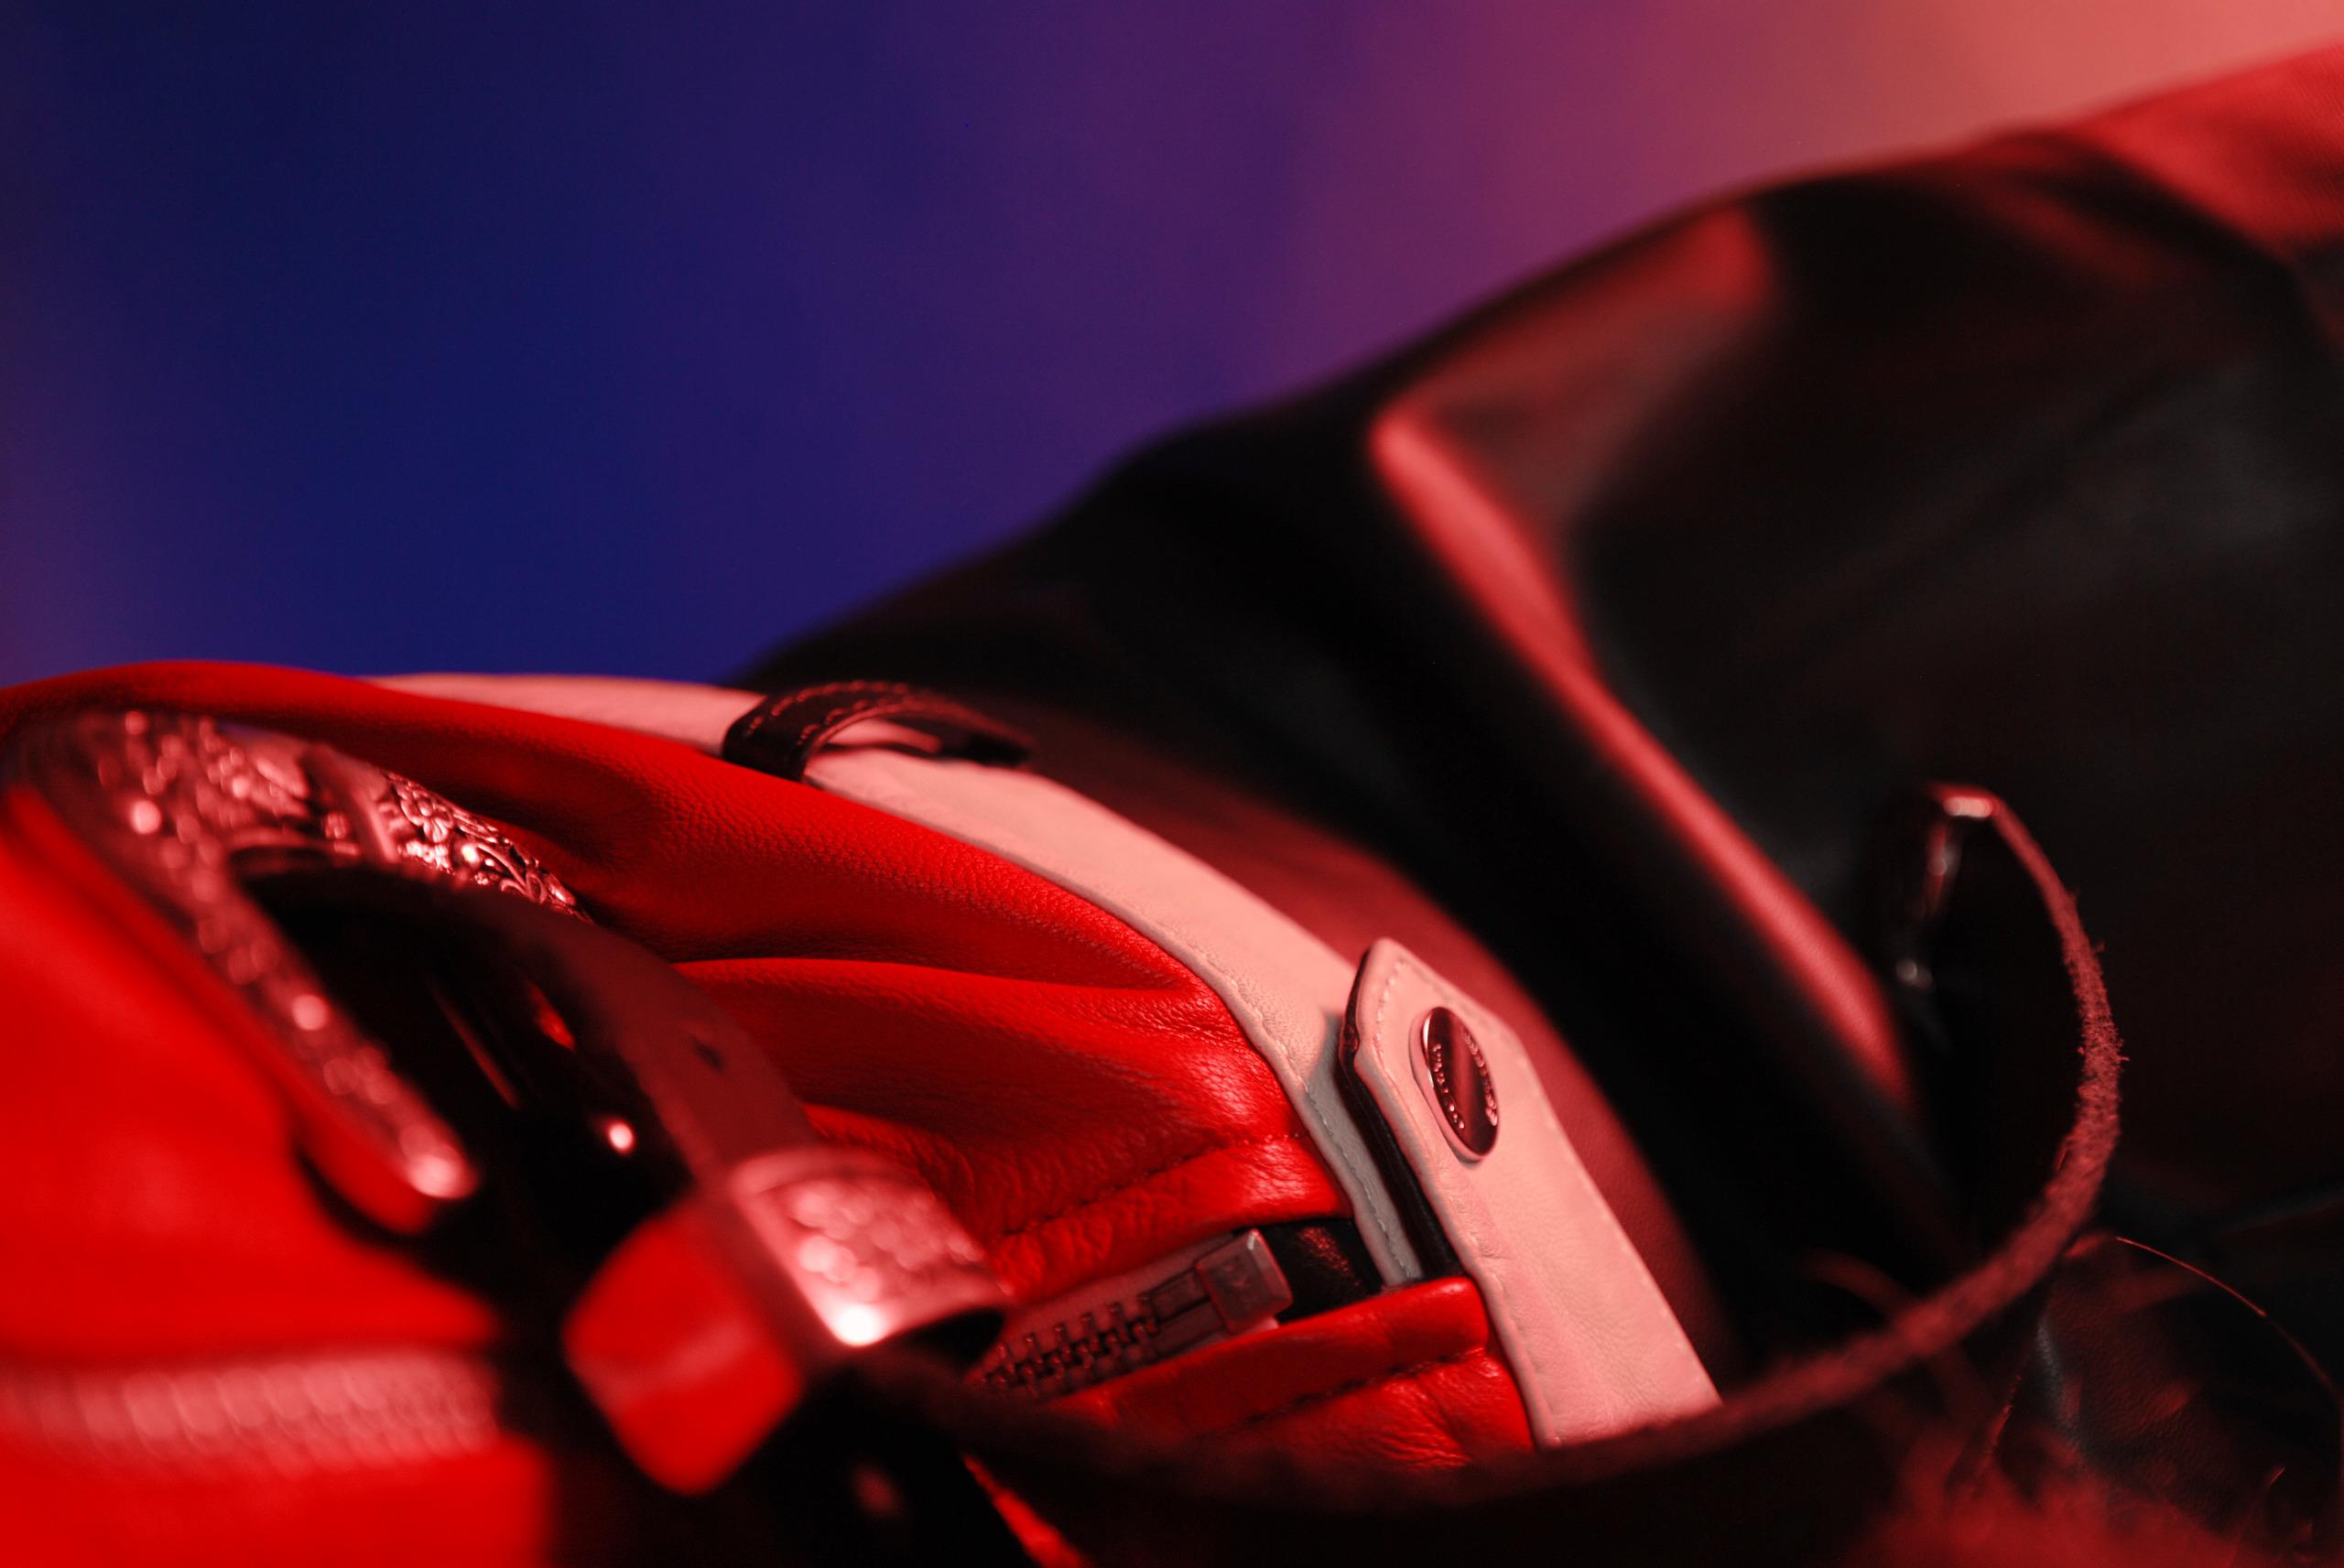 Zdjęcie przedstawia zbliżenie na fragment ubioru, widać pasek z metalową klamrą i czerwoną kurtkę.